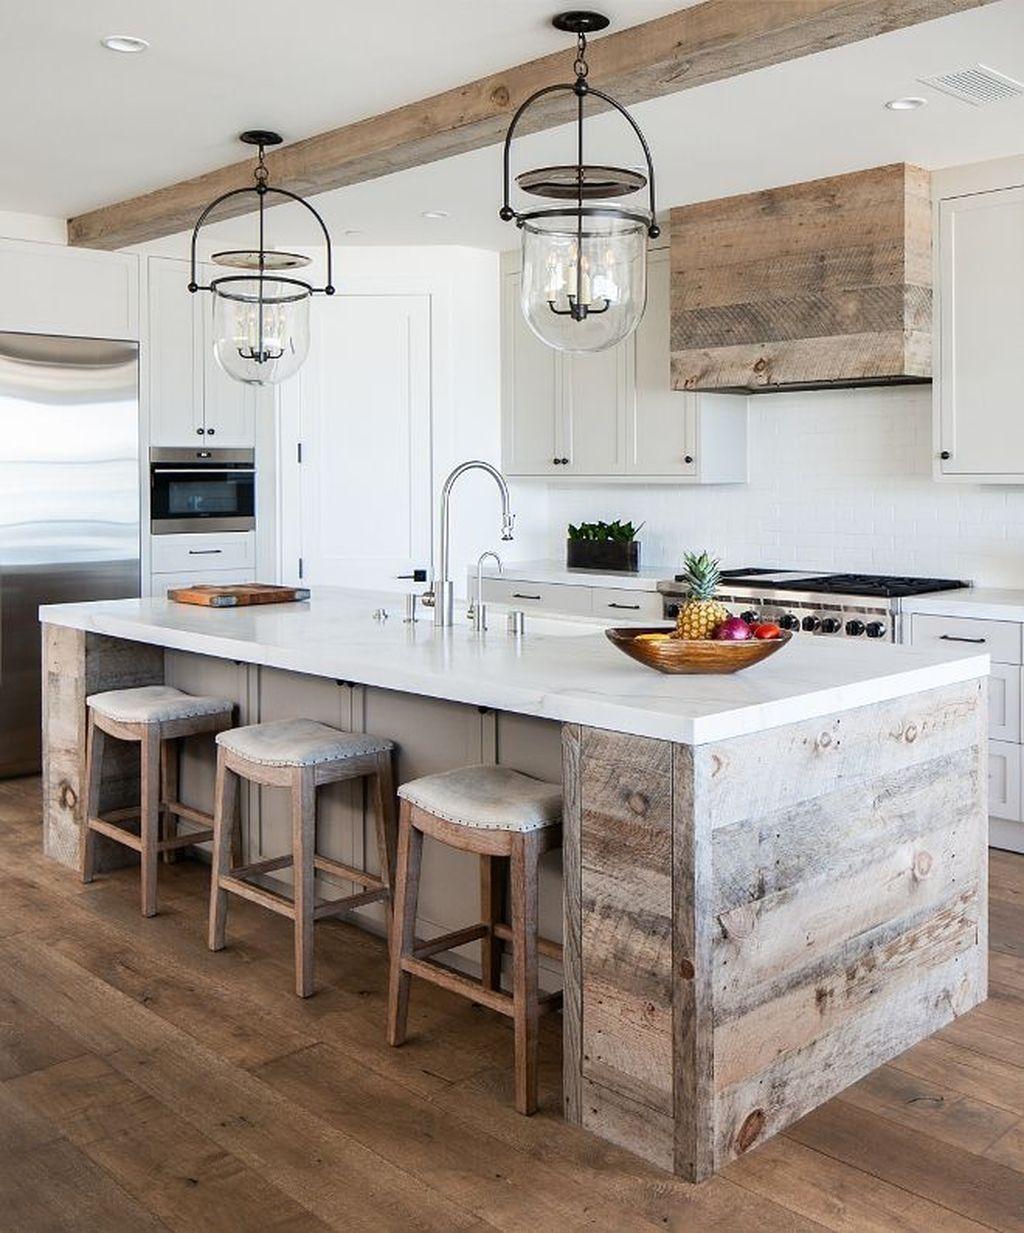 Đèn thả trần được bố trí đúng chỗ sẽ giúp góc bếp ấm cúng vào mùa đông, lãng mạn vào mùa hè